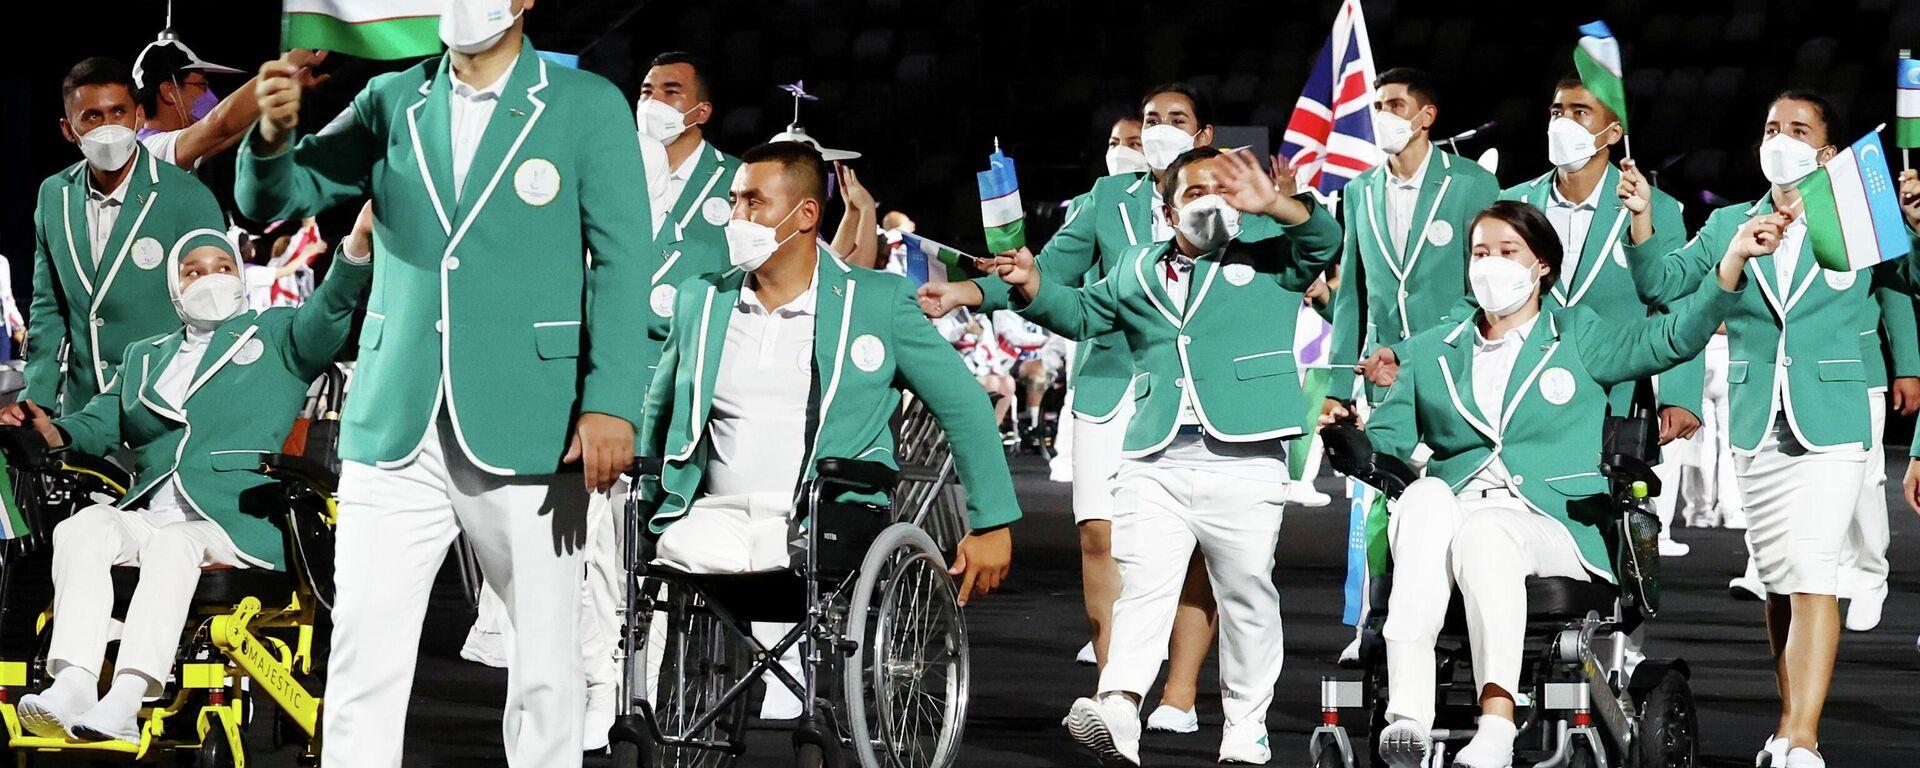 Паралимпийская сборная Узбекистана во время церемонии открытия паралимпийских игр в Токио - Sputnik Узбекистан, 1920, 25.08.2021